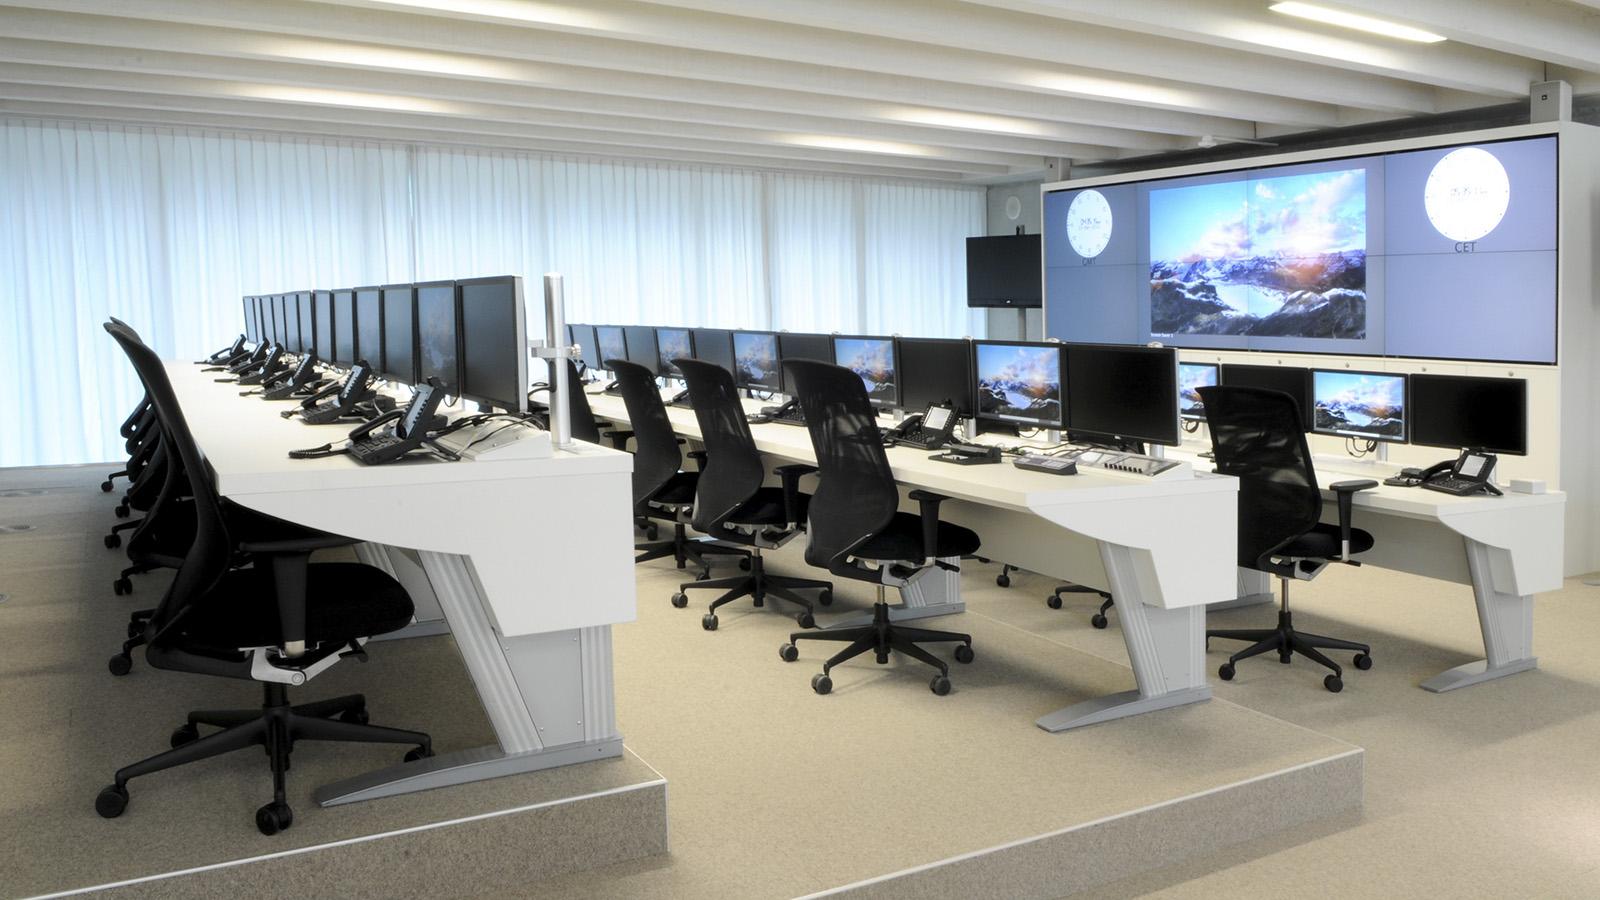 Một không gian làm việc hiện đại sẻ giúp văn phòng trở nên đặc biệt, tăng sự hứng khởi trong công việc cho đội ngũ nhân viên